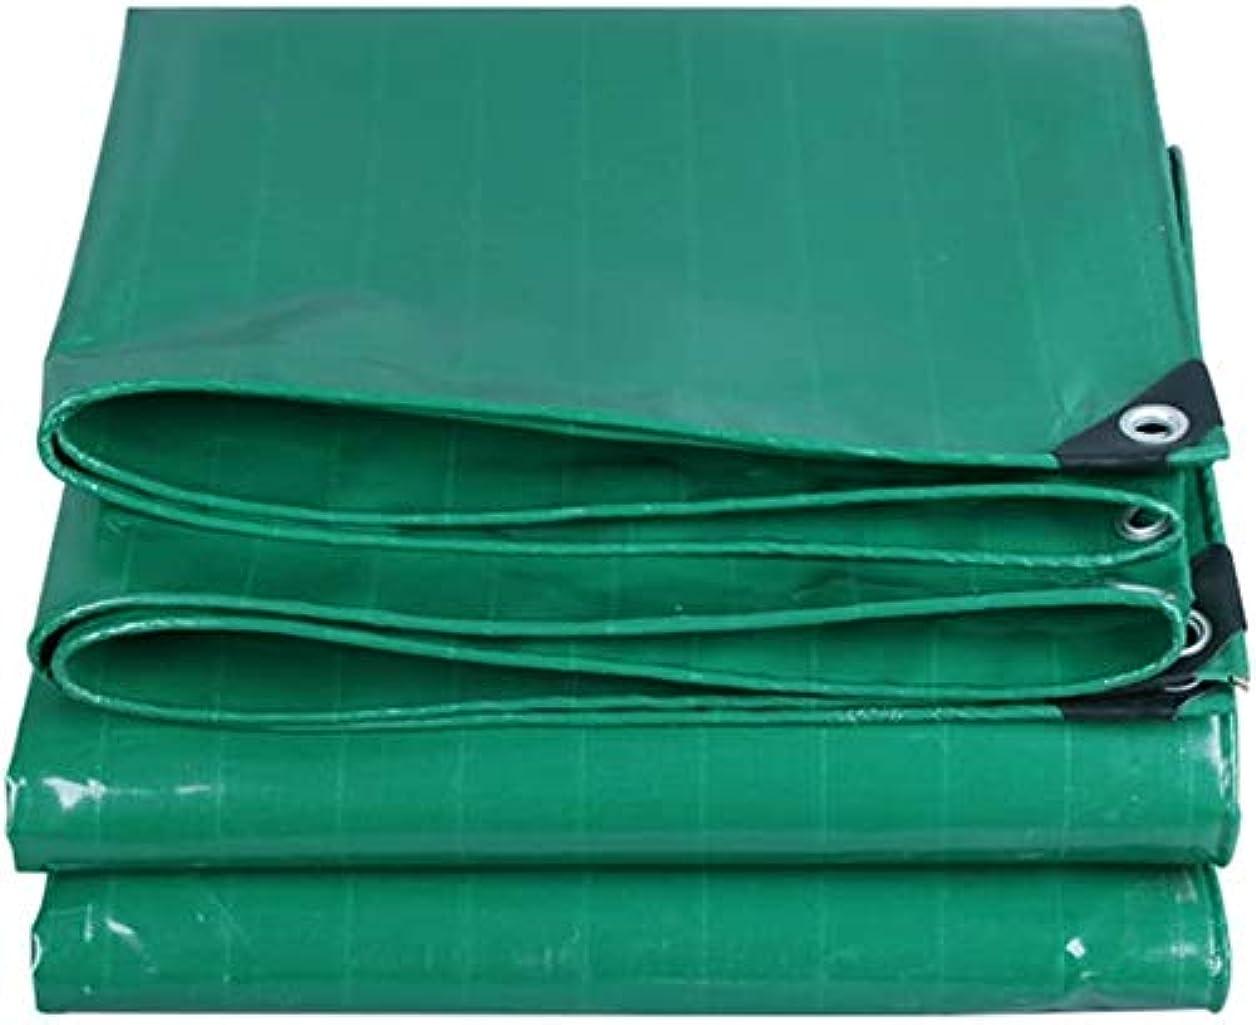 タンザニアぜいたく思い出させるDJPB ガラスクリアターポリン防水ヘビーデューティ防水カバータープヘビーデューティ防塵防雨ターポリンアンチエイジング断熱材、カスタマイズ可能 4PB08 (色 : 緑, サイズ : 4x4.0M)